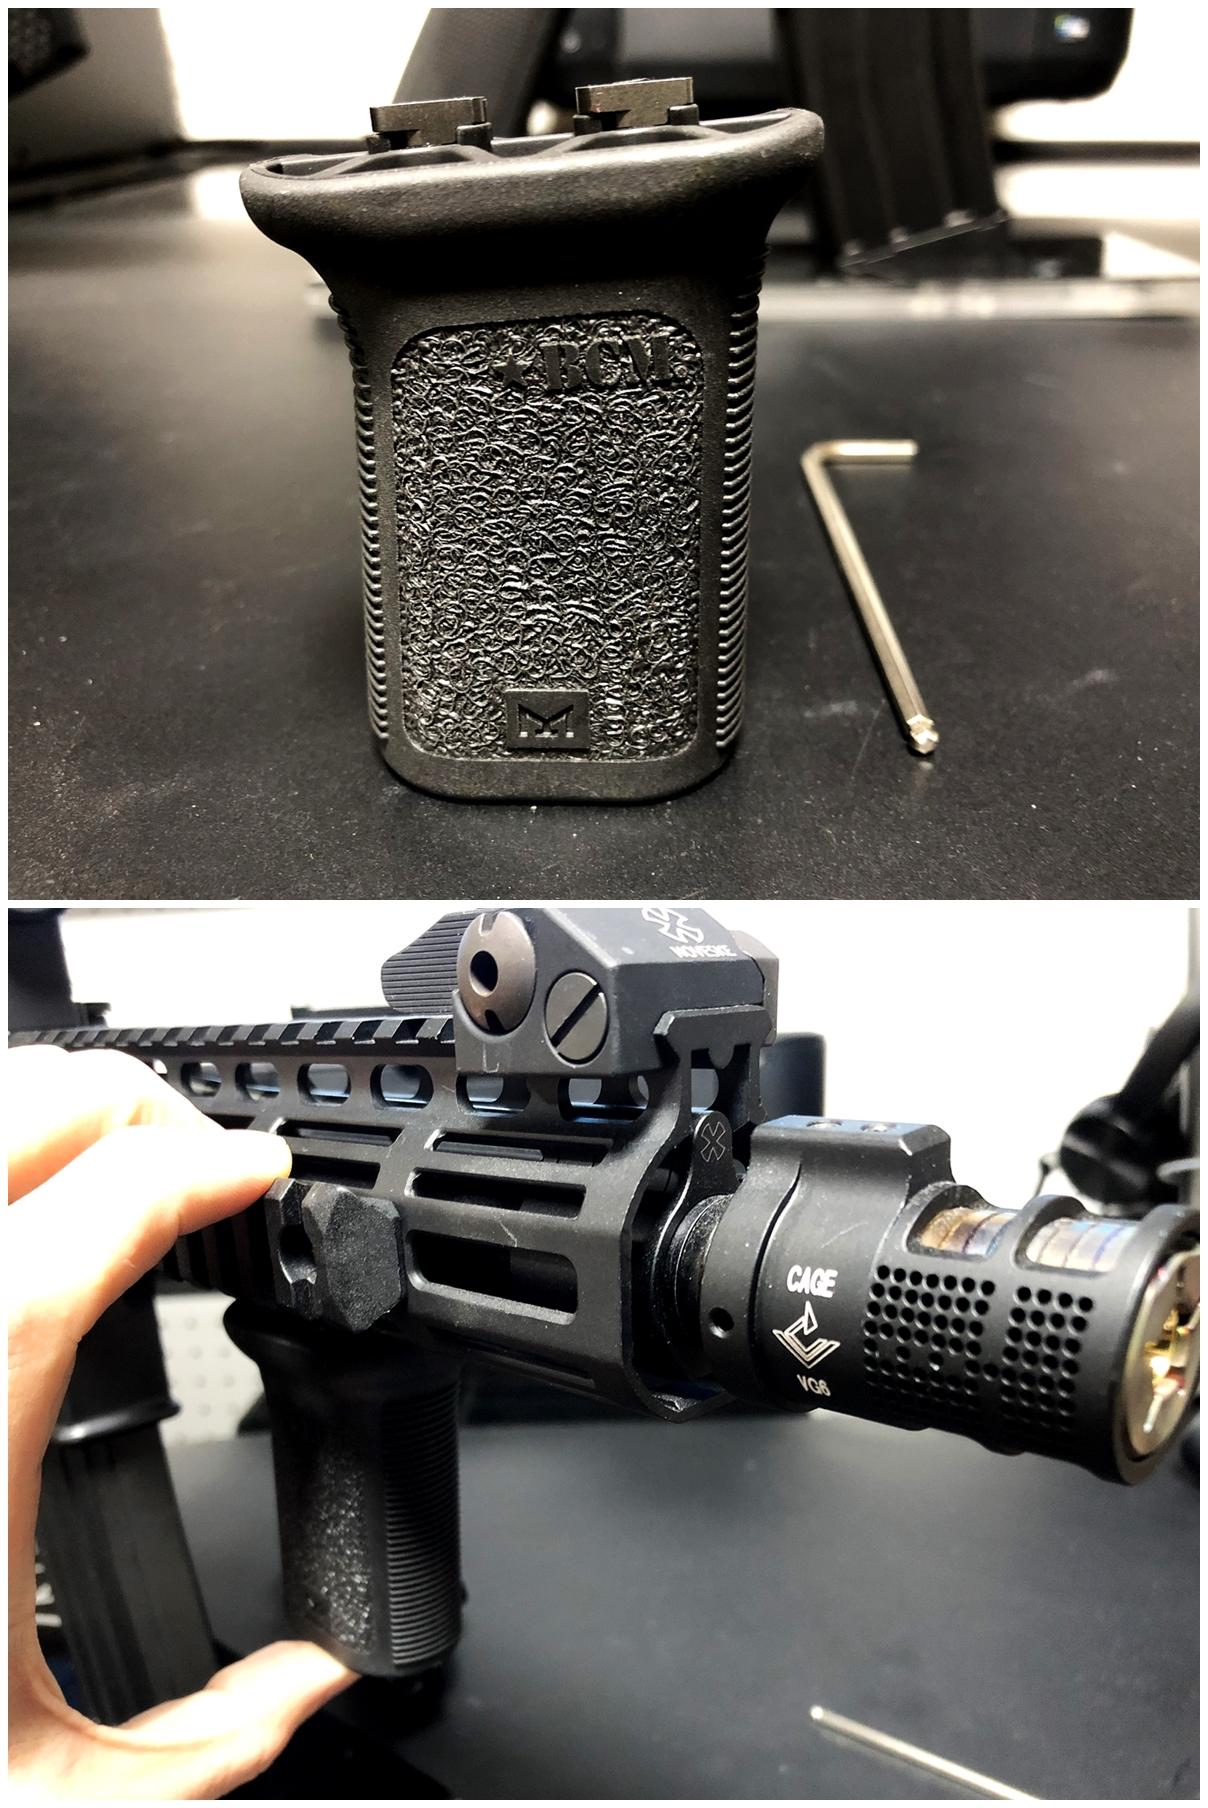 11 実物 BCM GUNFIGHTER VERTICAL GRIP MOD3 M-LOK Compatible ガンファイター バーティカル グリップ 実物 & レプリカ 違い 検証 取付 交換 正規品 新品 開封 カスタム レビュー